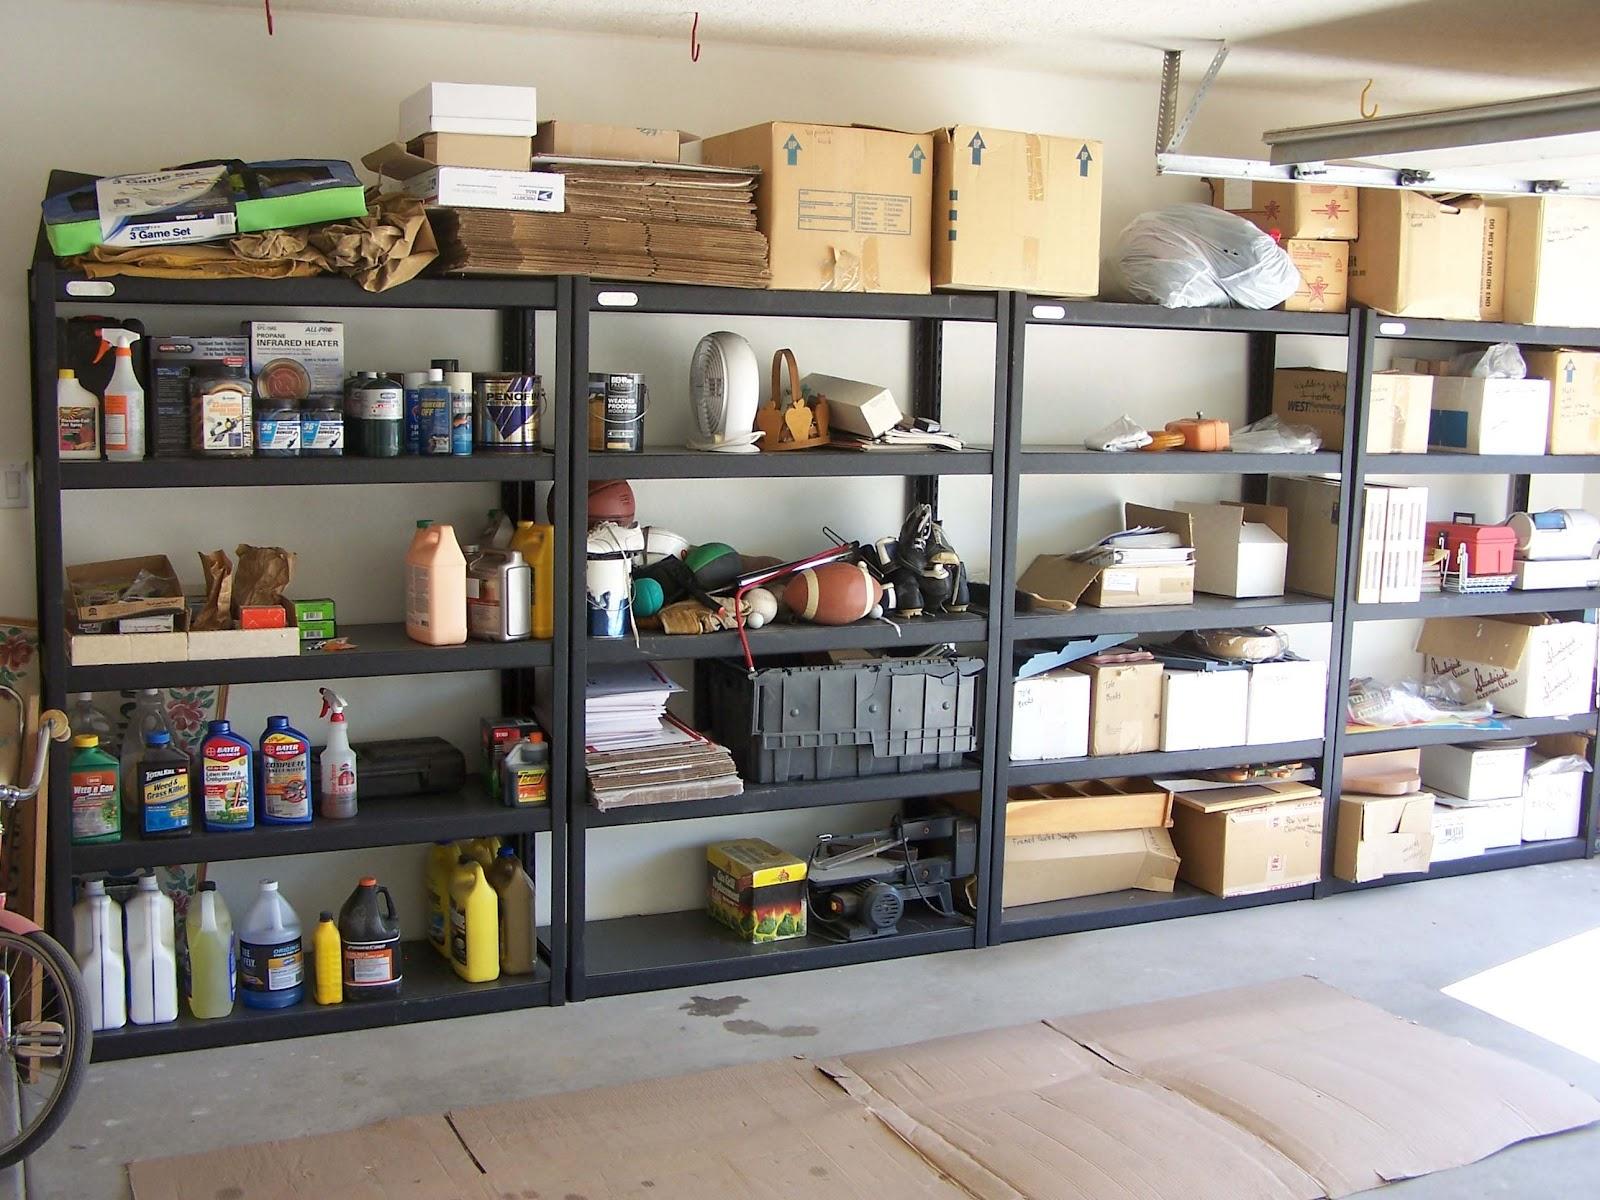 Обустройство гаража: системы хранения, мебель 44